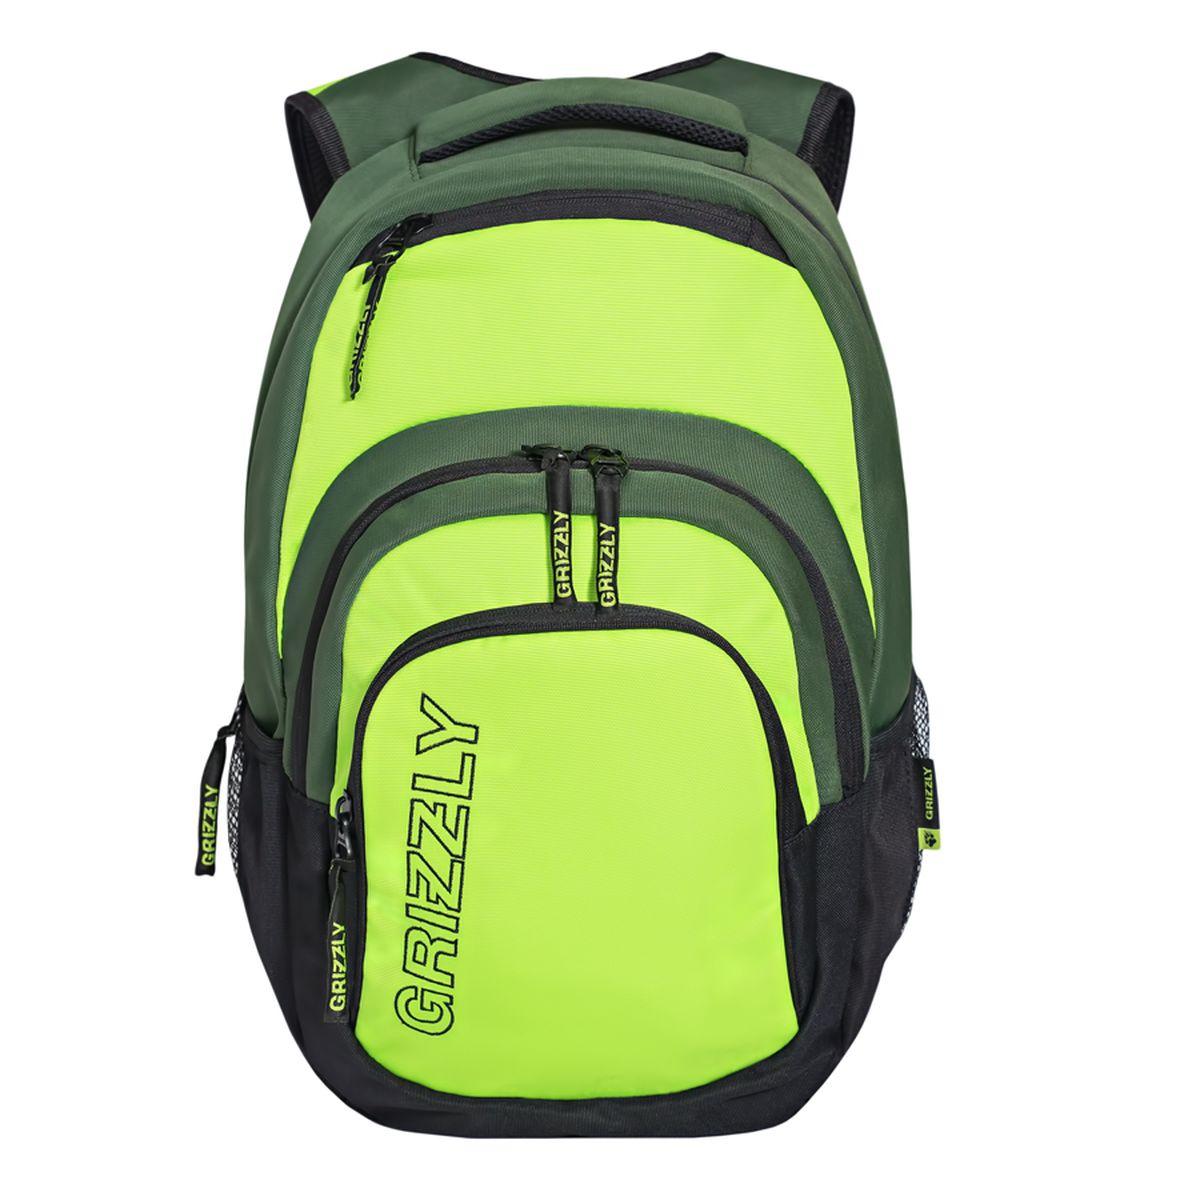 Рюкзак молодежный Grizzly, цвет: черный-салатовый. 32 л. RU-704-1/2RU-704-1/2Рюкзак молодежный, одно отделение, карман на молнии на передней стенке, объемный карман на молнии на передней стенке, боковые карманы из сетки, внутренний составной пенал-органайзер, внутренний укрепленный карман для ноутбука, укрепленная спинка, карман быстрого доступа в верхней части рюкзака, мягкая укрепленная ручка, нагрудная стяжка-фиксатор, укрепленные лямки